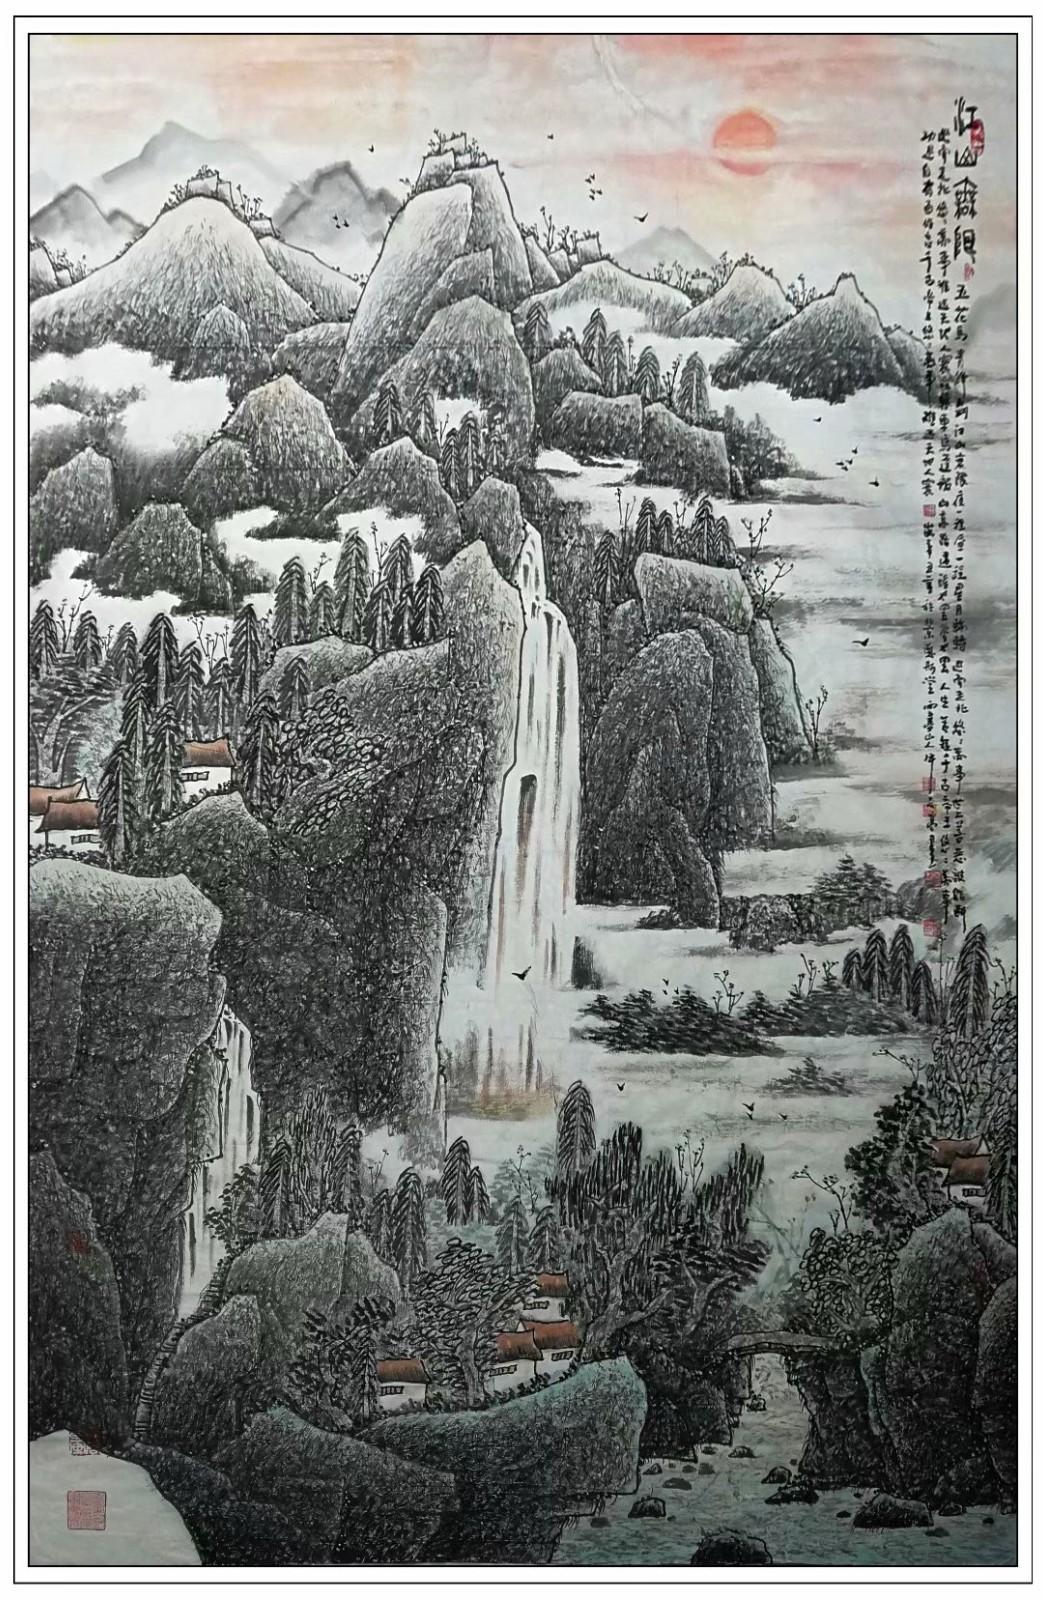 庆祝中国共产党成立100周年---牛志高山水画【220CMX150CM】2021.03.31 ..._图1-3